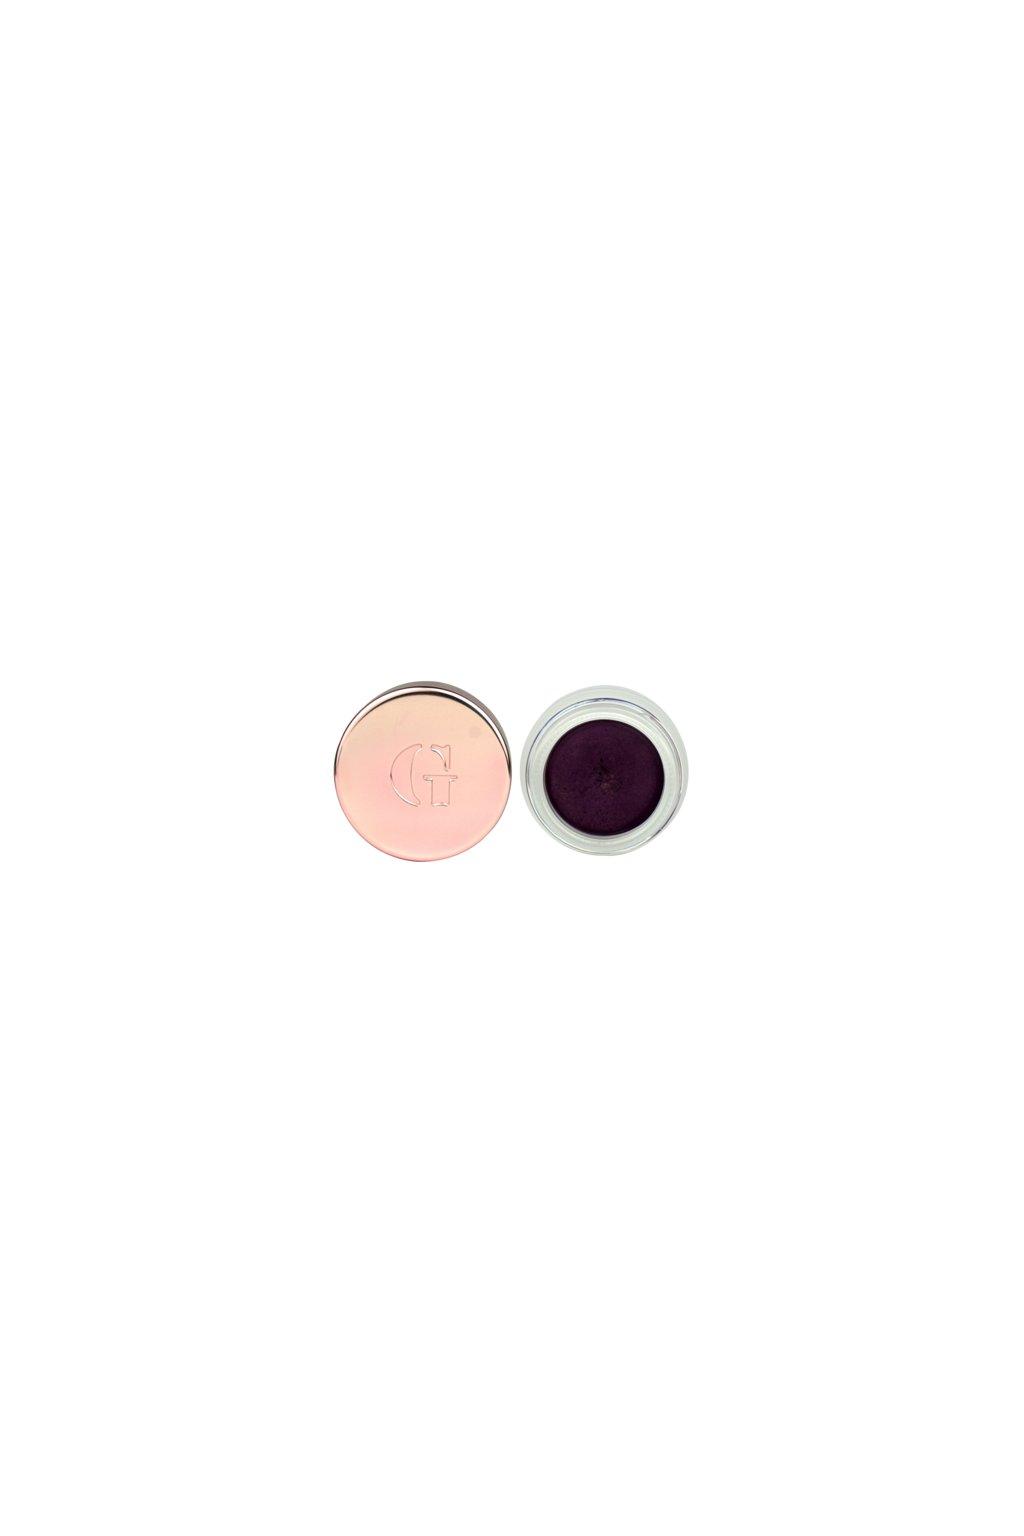 Gressa Lip Boost - Přírodní krémové multilíčidlo na rty a tváře Dahlia 4 g